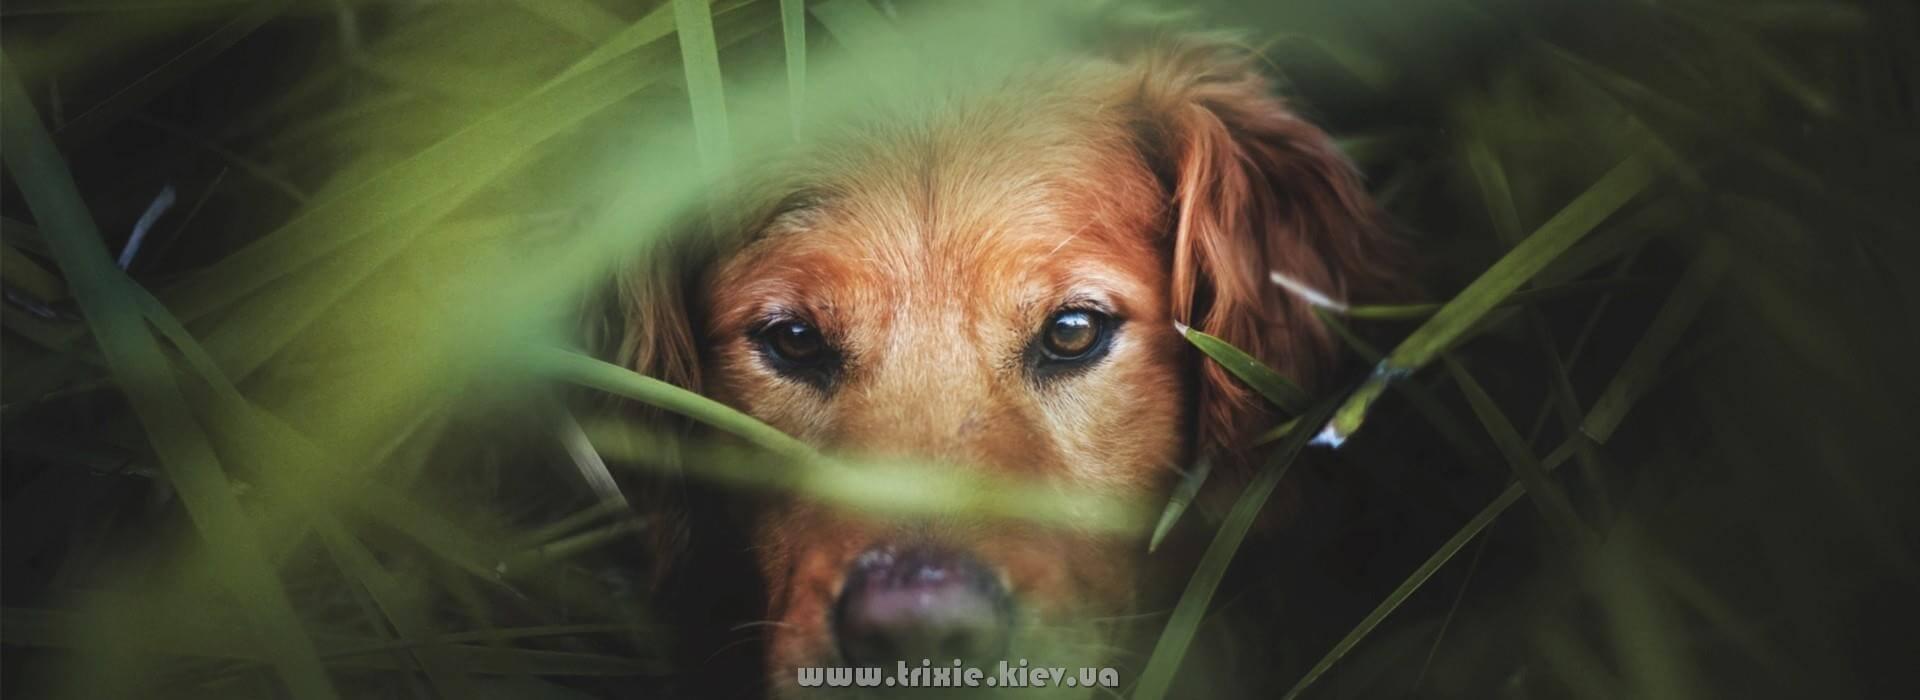 Товары для собак Трикси в Украине - это непревзойденное качество по справедливой цене